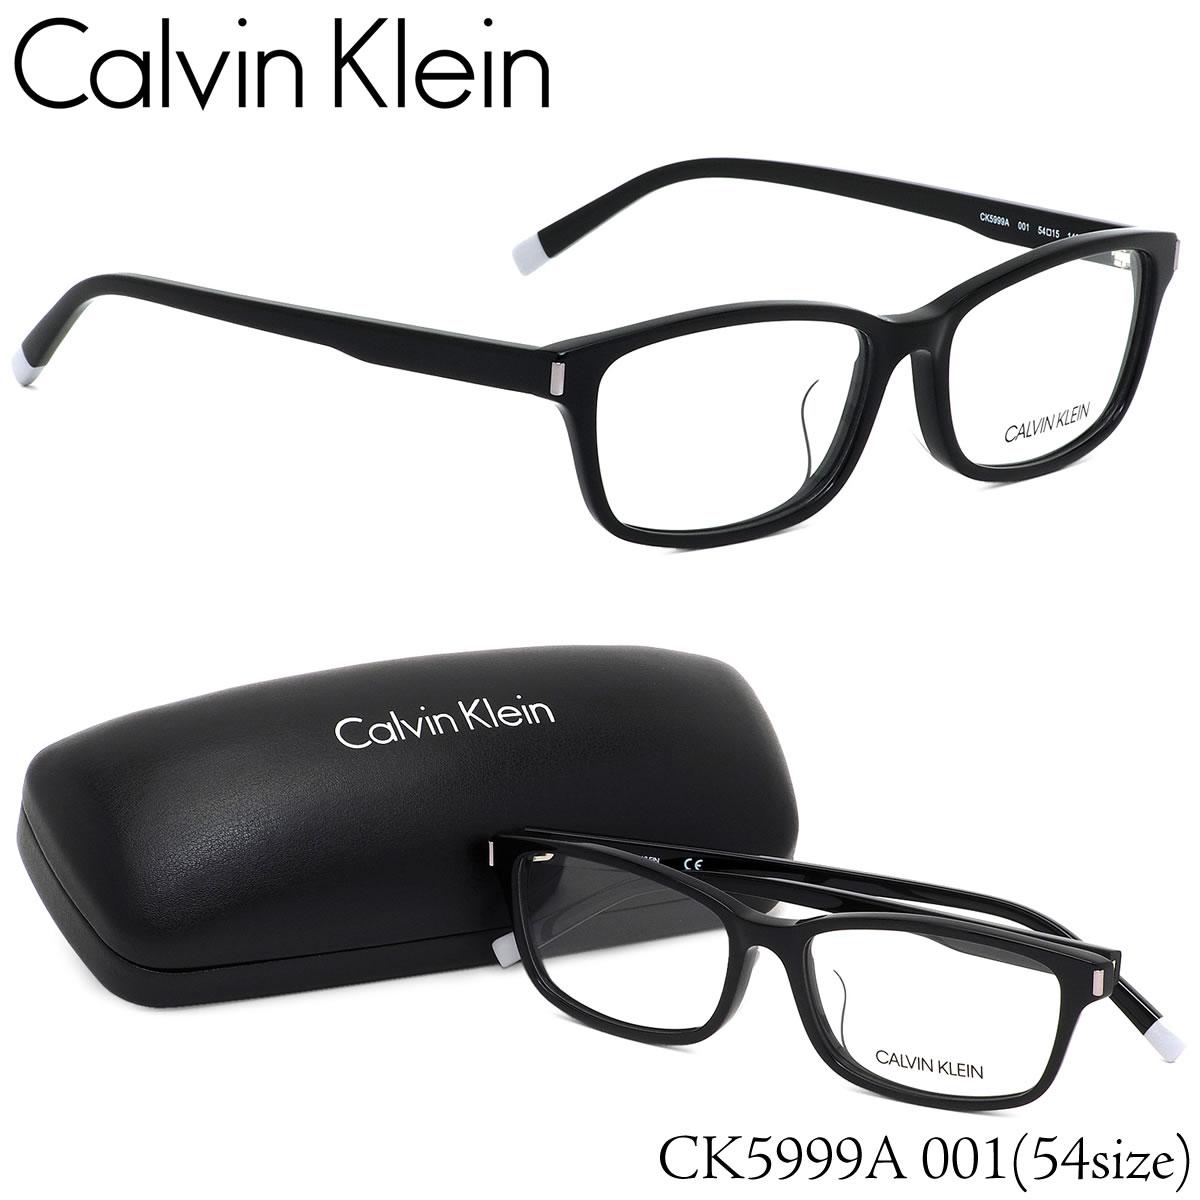 ほぼ全品ポイント15倍~最大43倍+3倍!お得なクーポンも! カルバンクライン Calvin Klein メガネCK5999A 001 54サイズck ウエリントン ブラックカルバンクライン CalvinKlein メンズ レディース